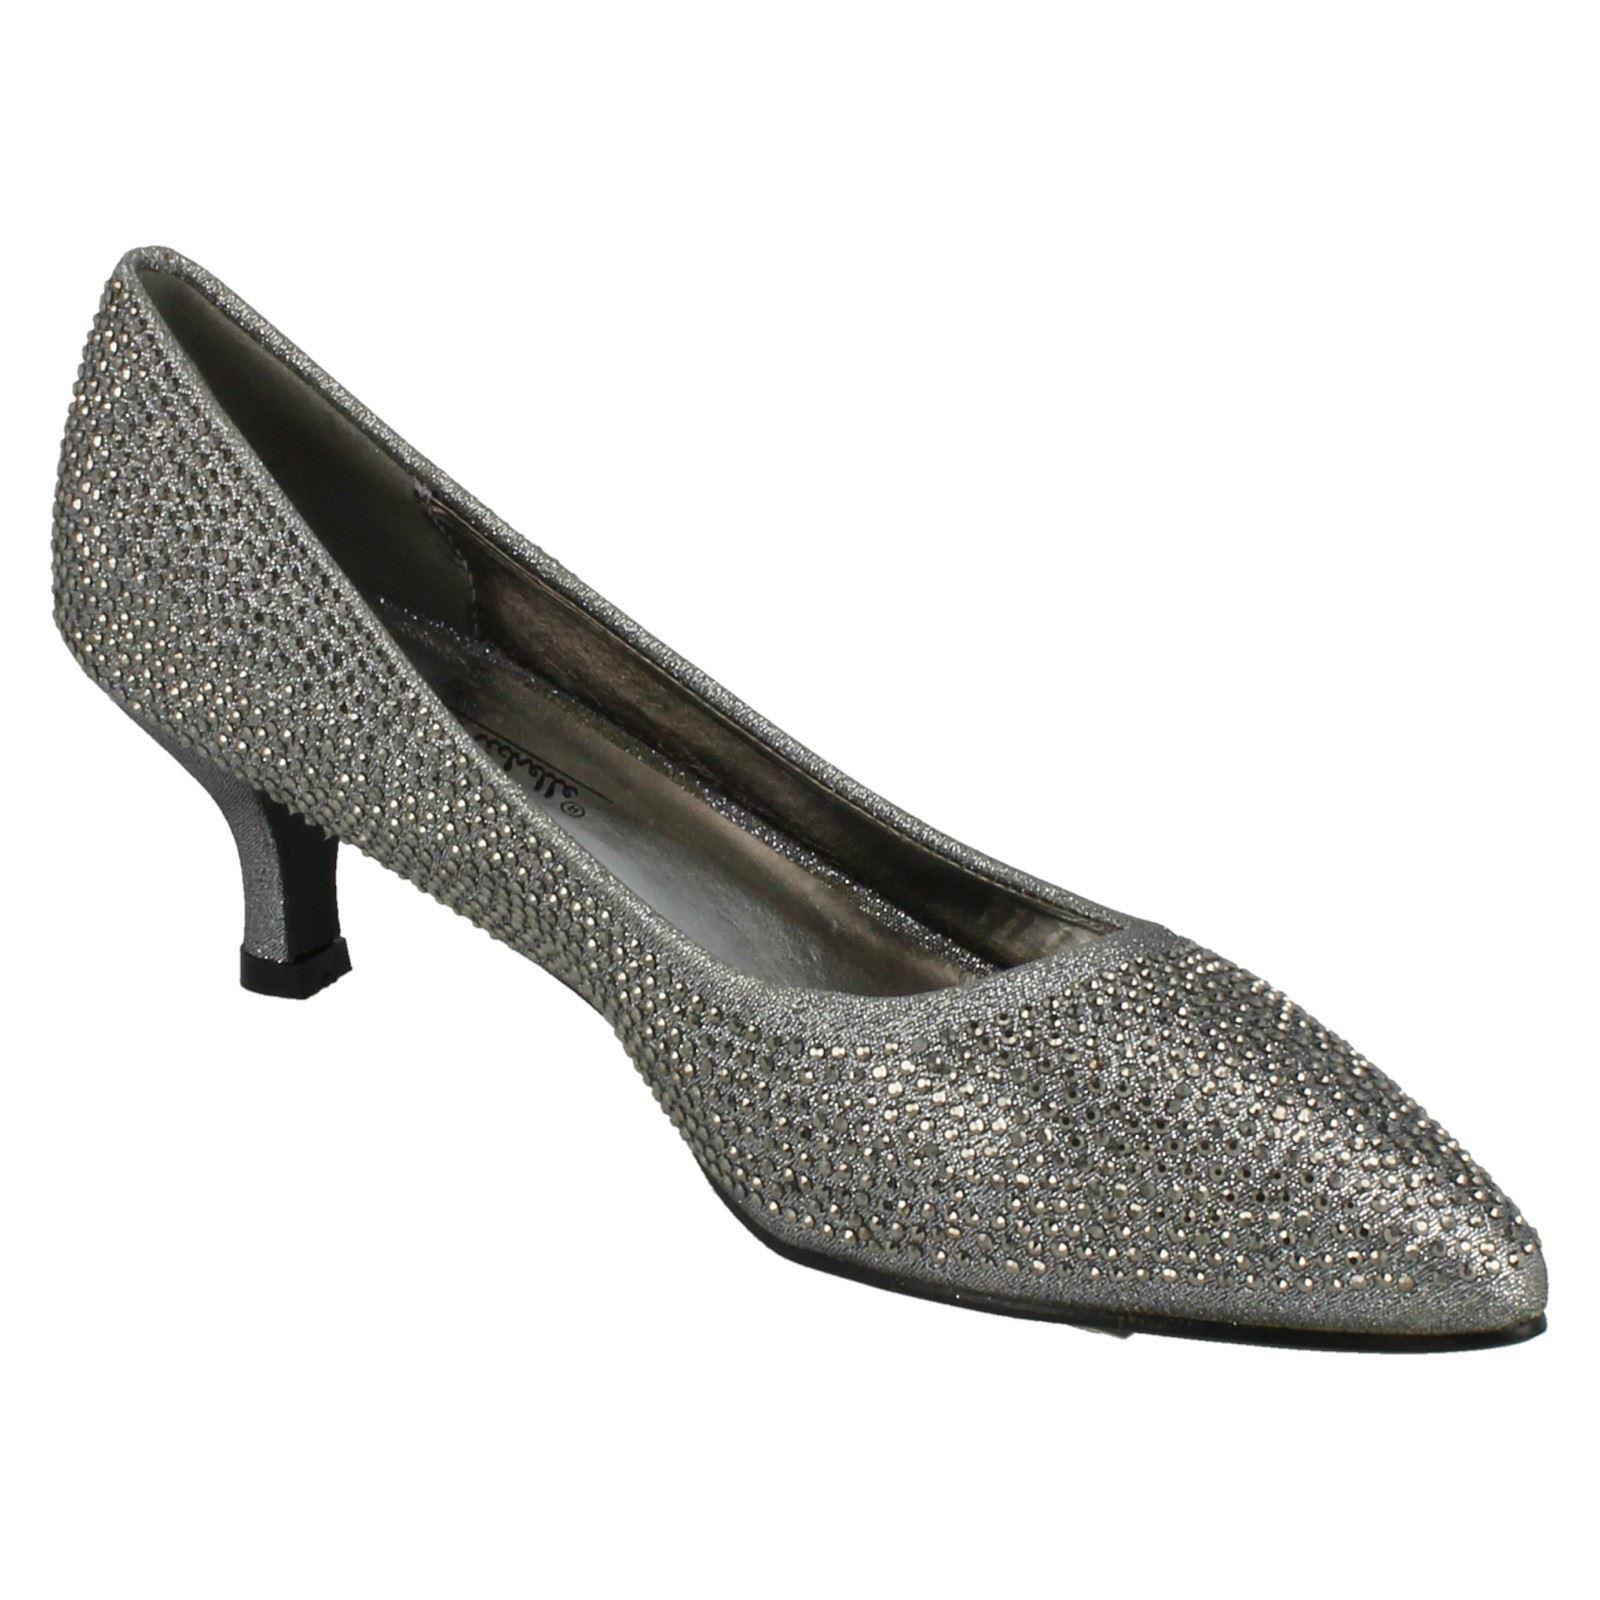 Ladies-Anne-Michelle-Diamante-Low-Heel-Court-Shoes thumbnail 27